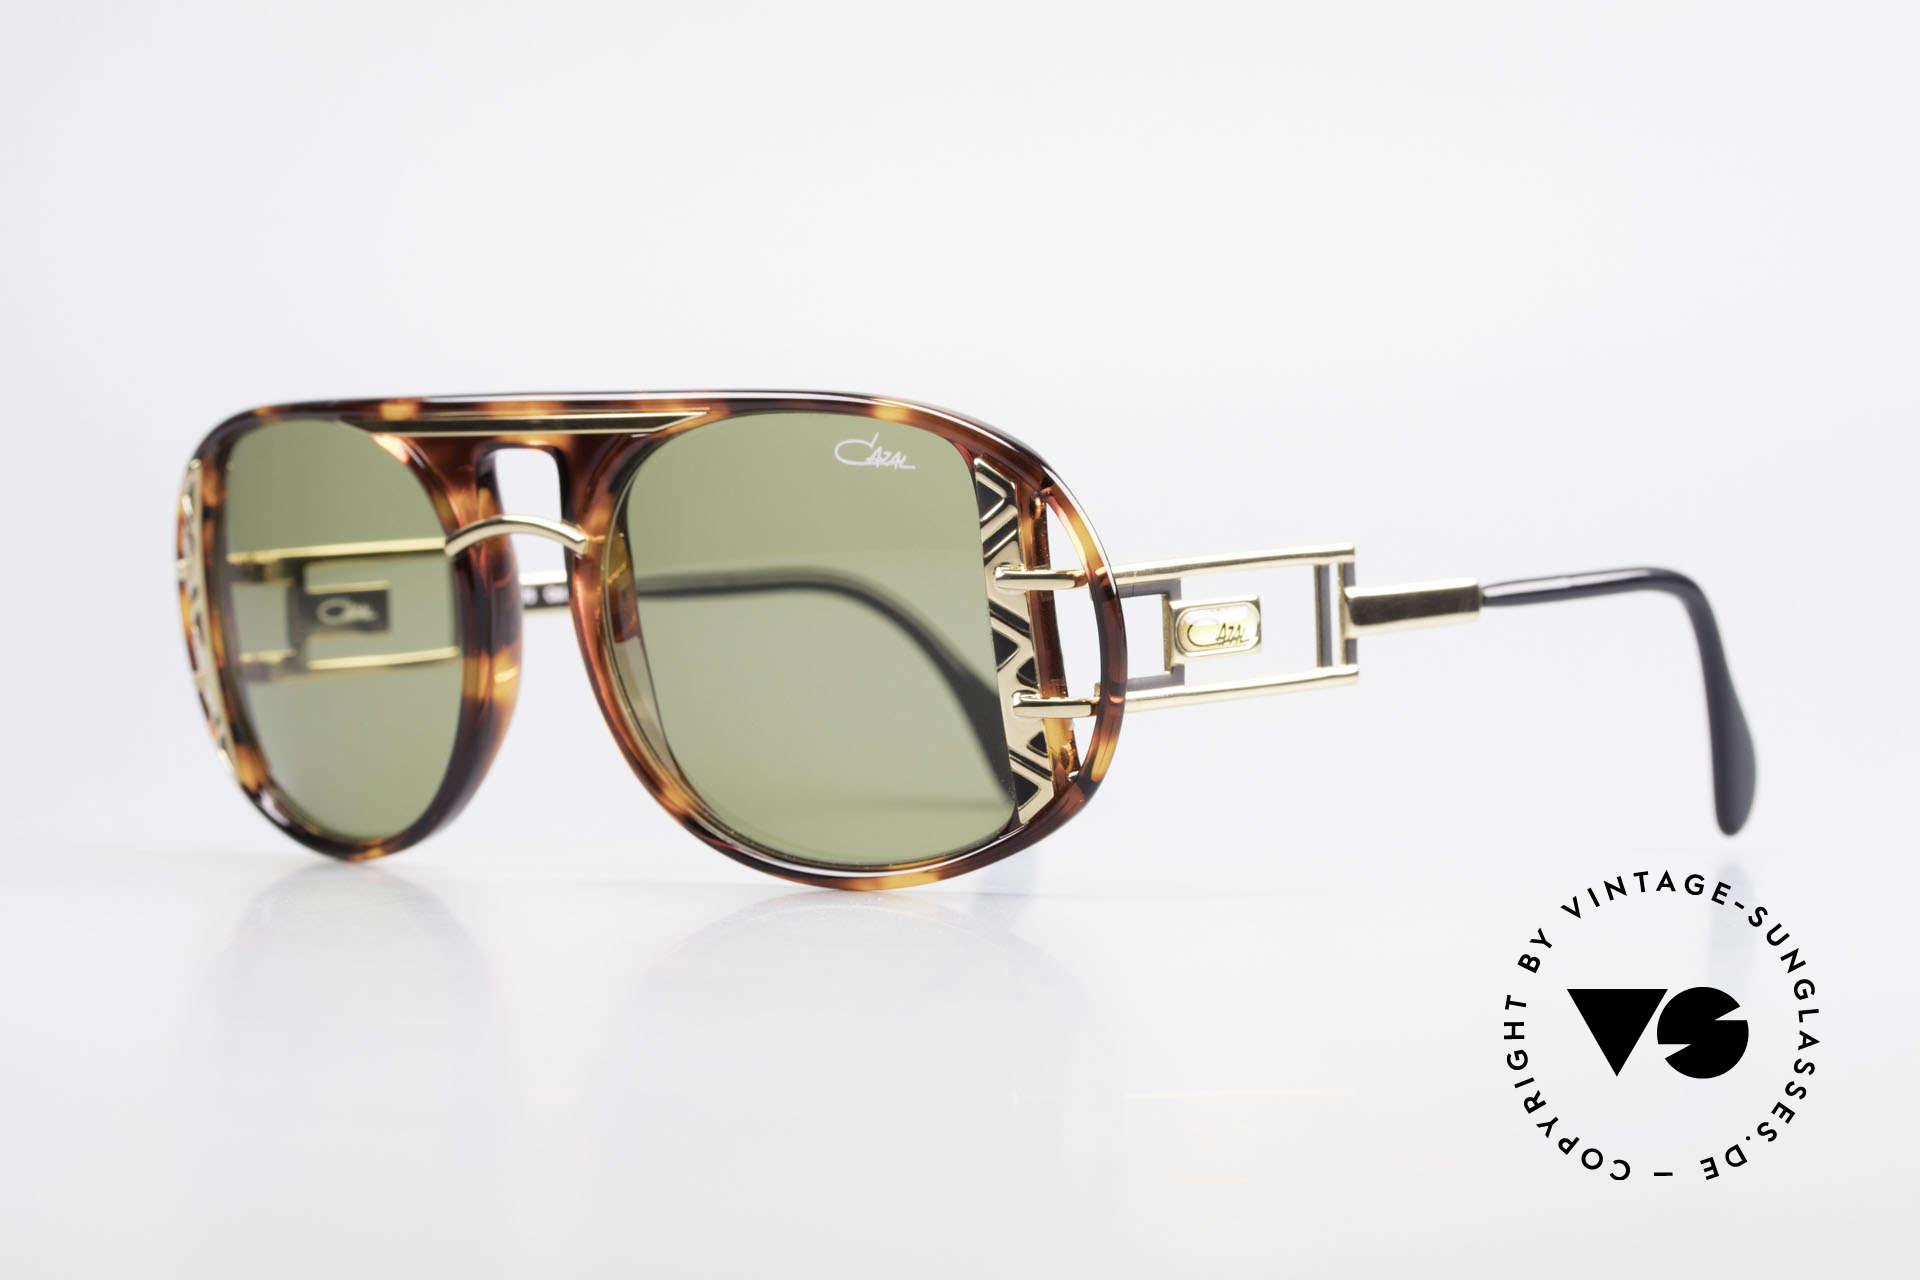 Cazal 875 90er Designer Sonnenbrille, einzigartige Fassung in aufwendiger Farbgestaltung, Passend für Herren und Damen